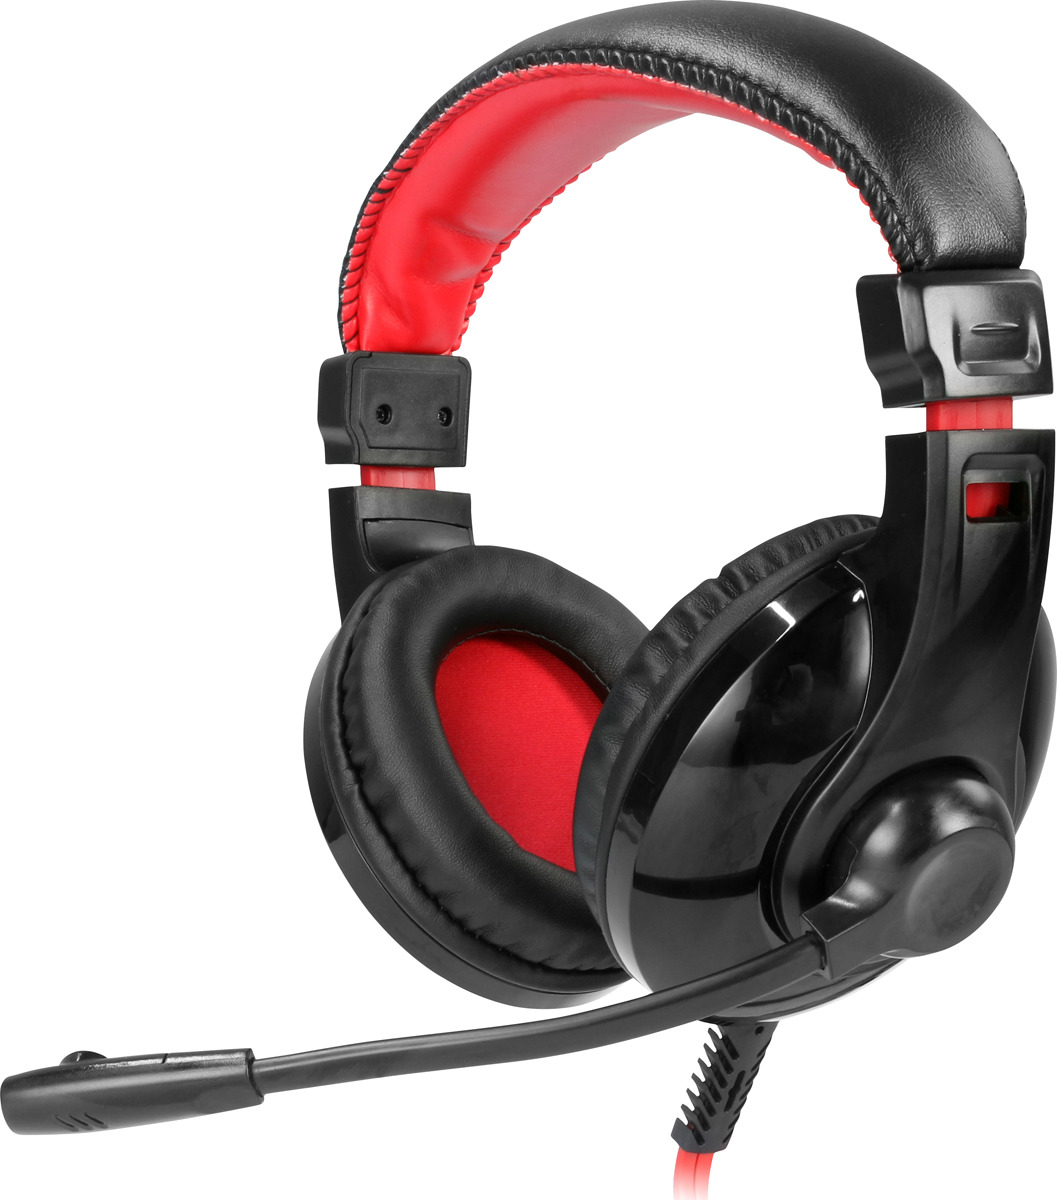 Игровые наушники Qumo Dragon War Fire GHS 0009, черный, красный цена и фото